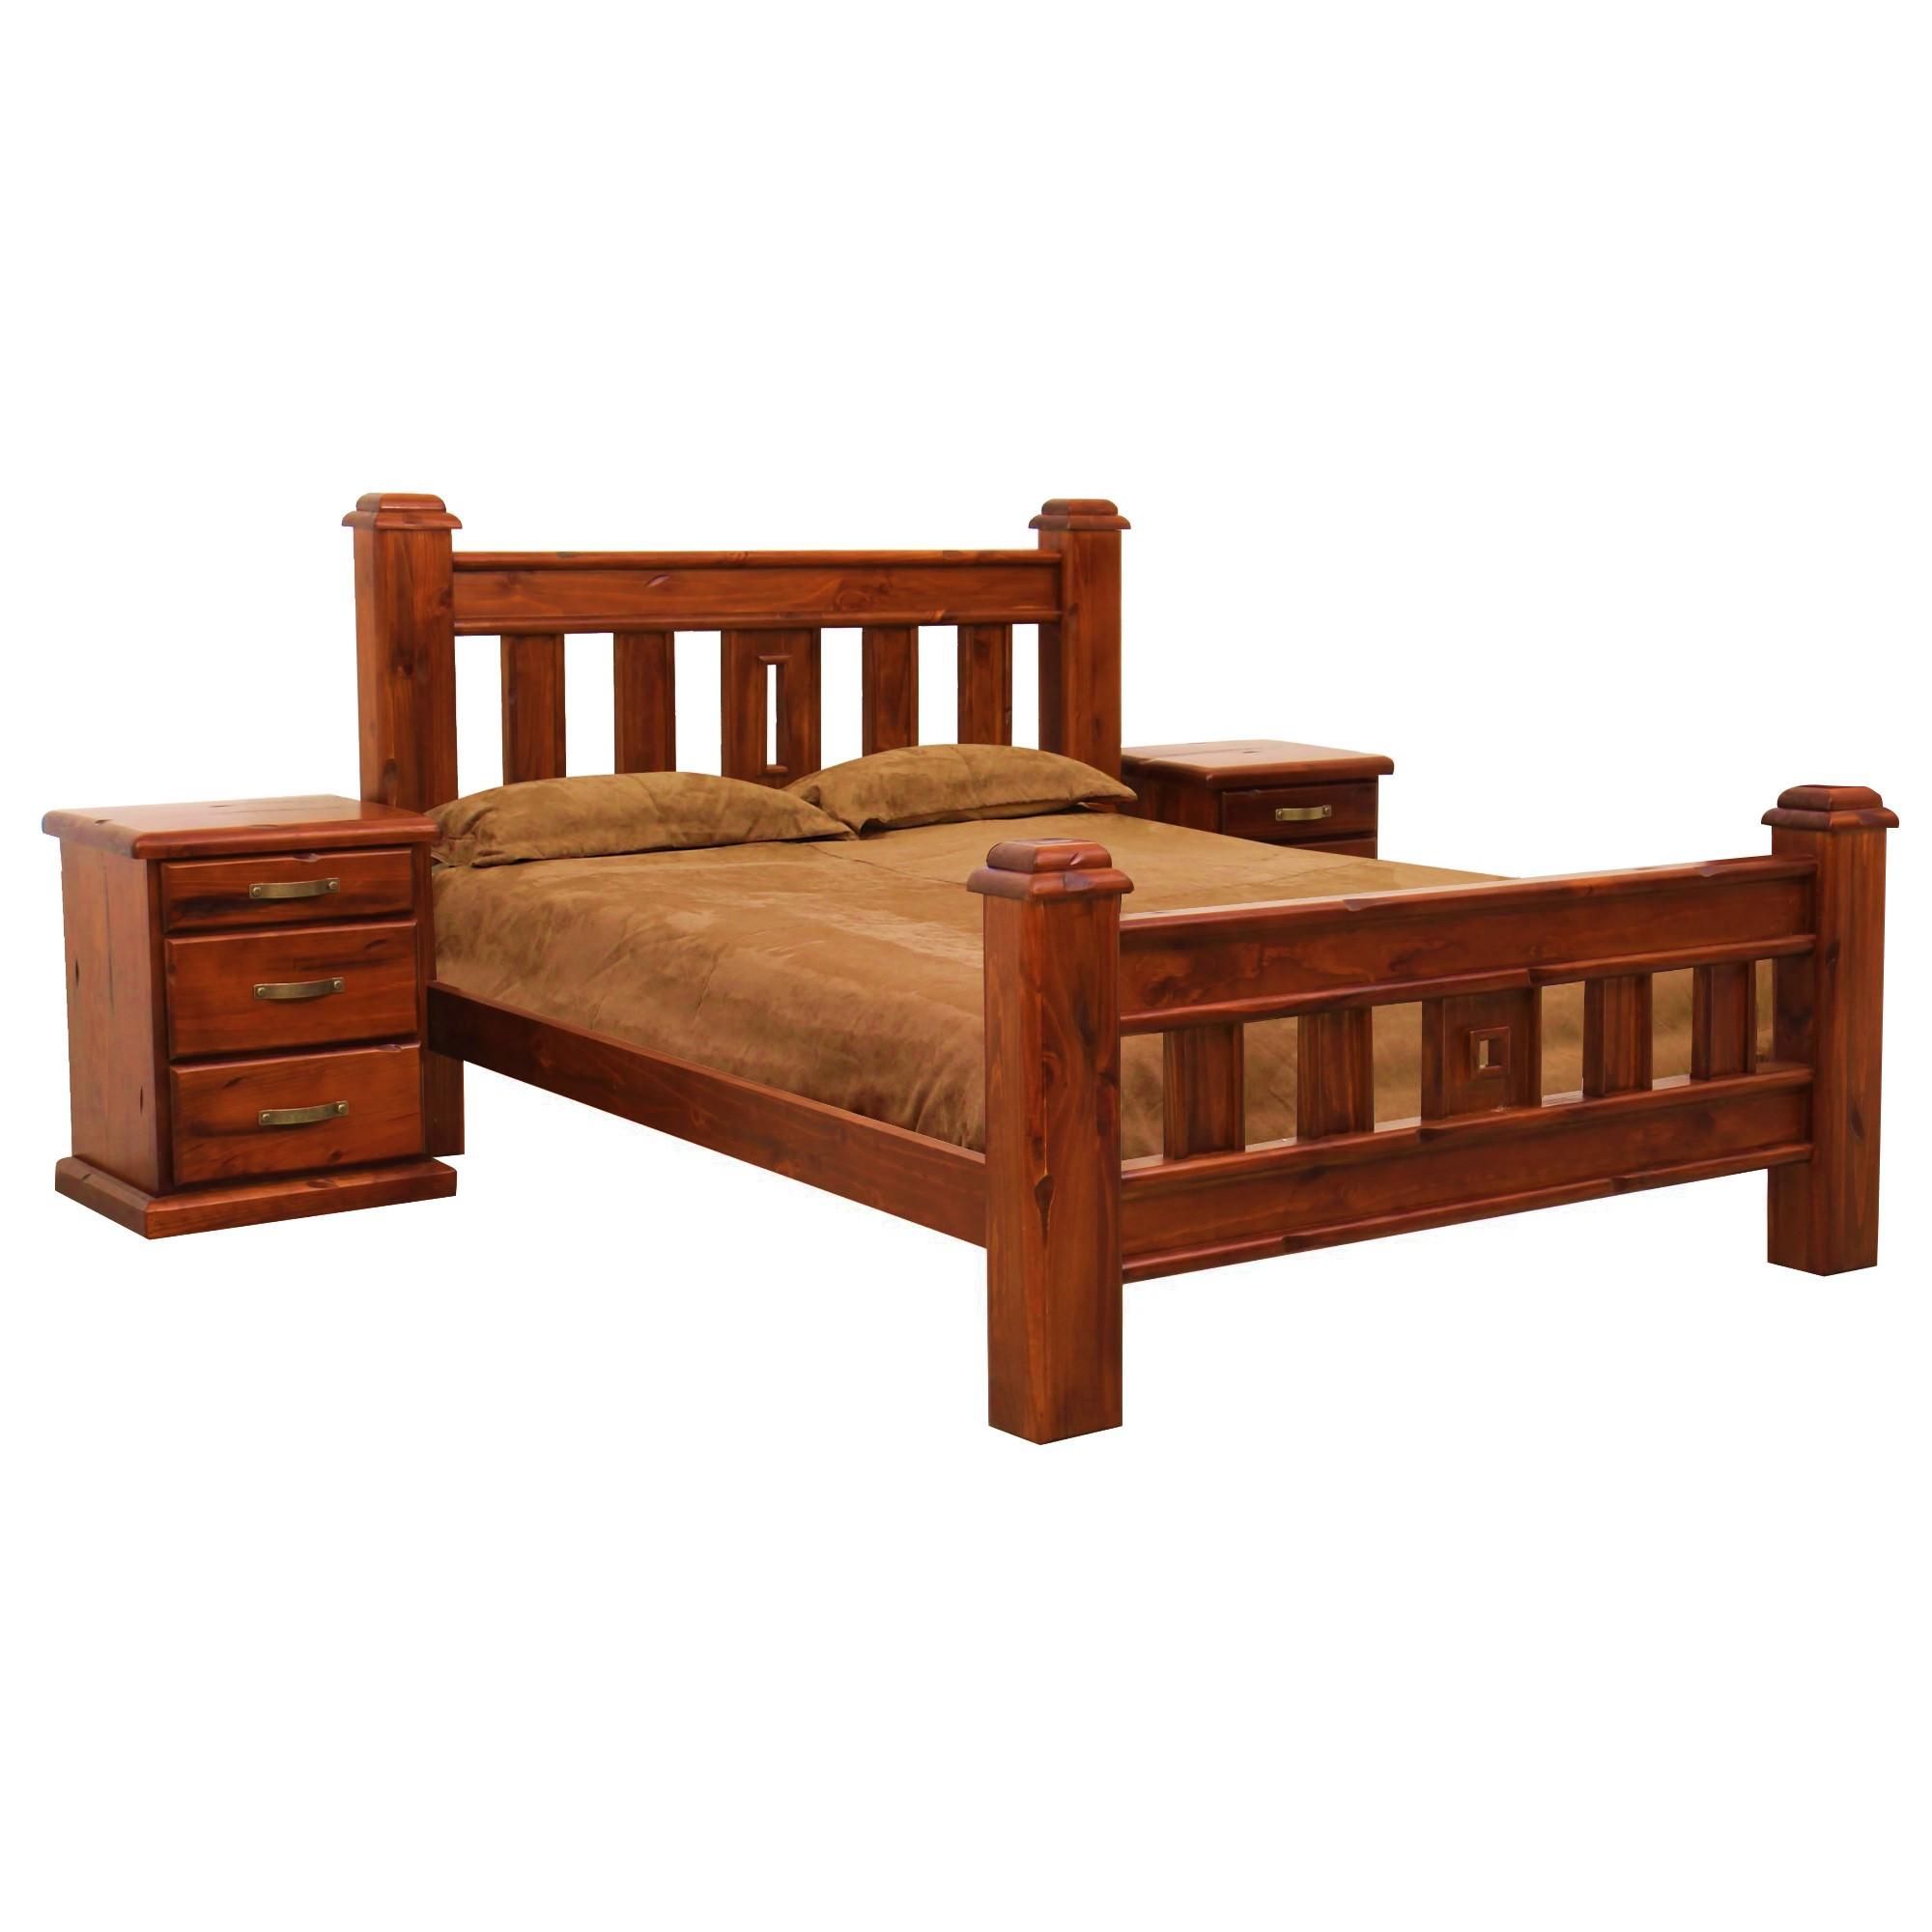 Serafi Pine Timber Bed, Queen